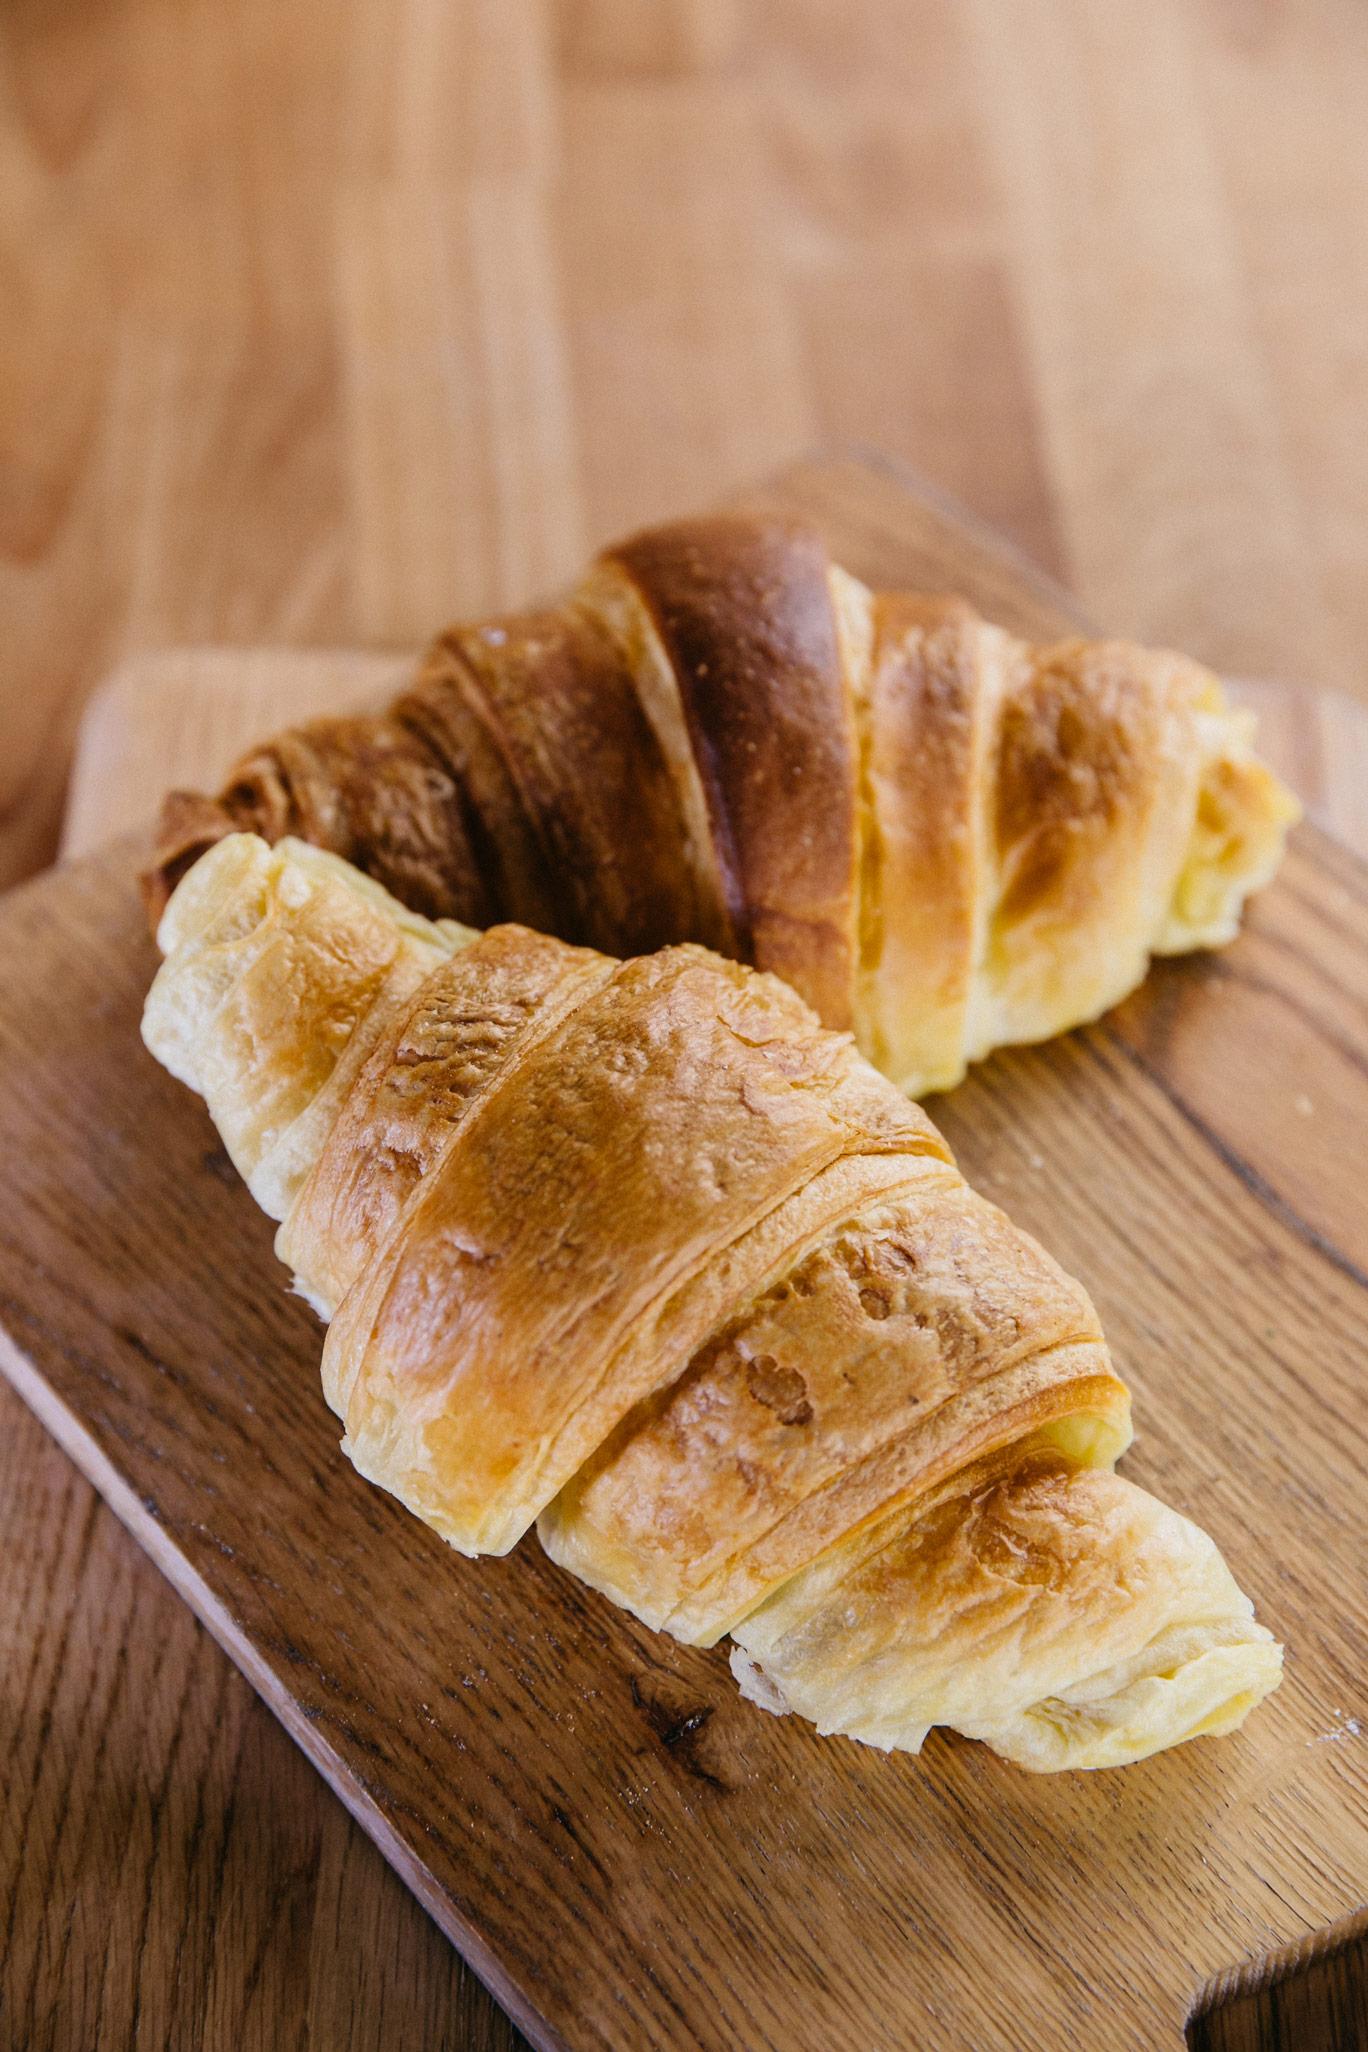 Brioche-puff pastry croissant